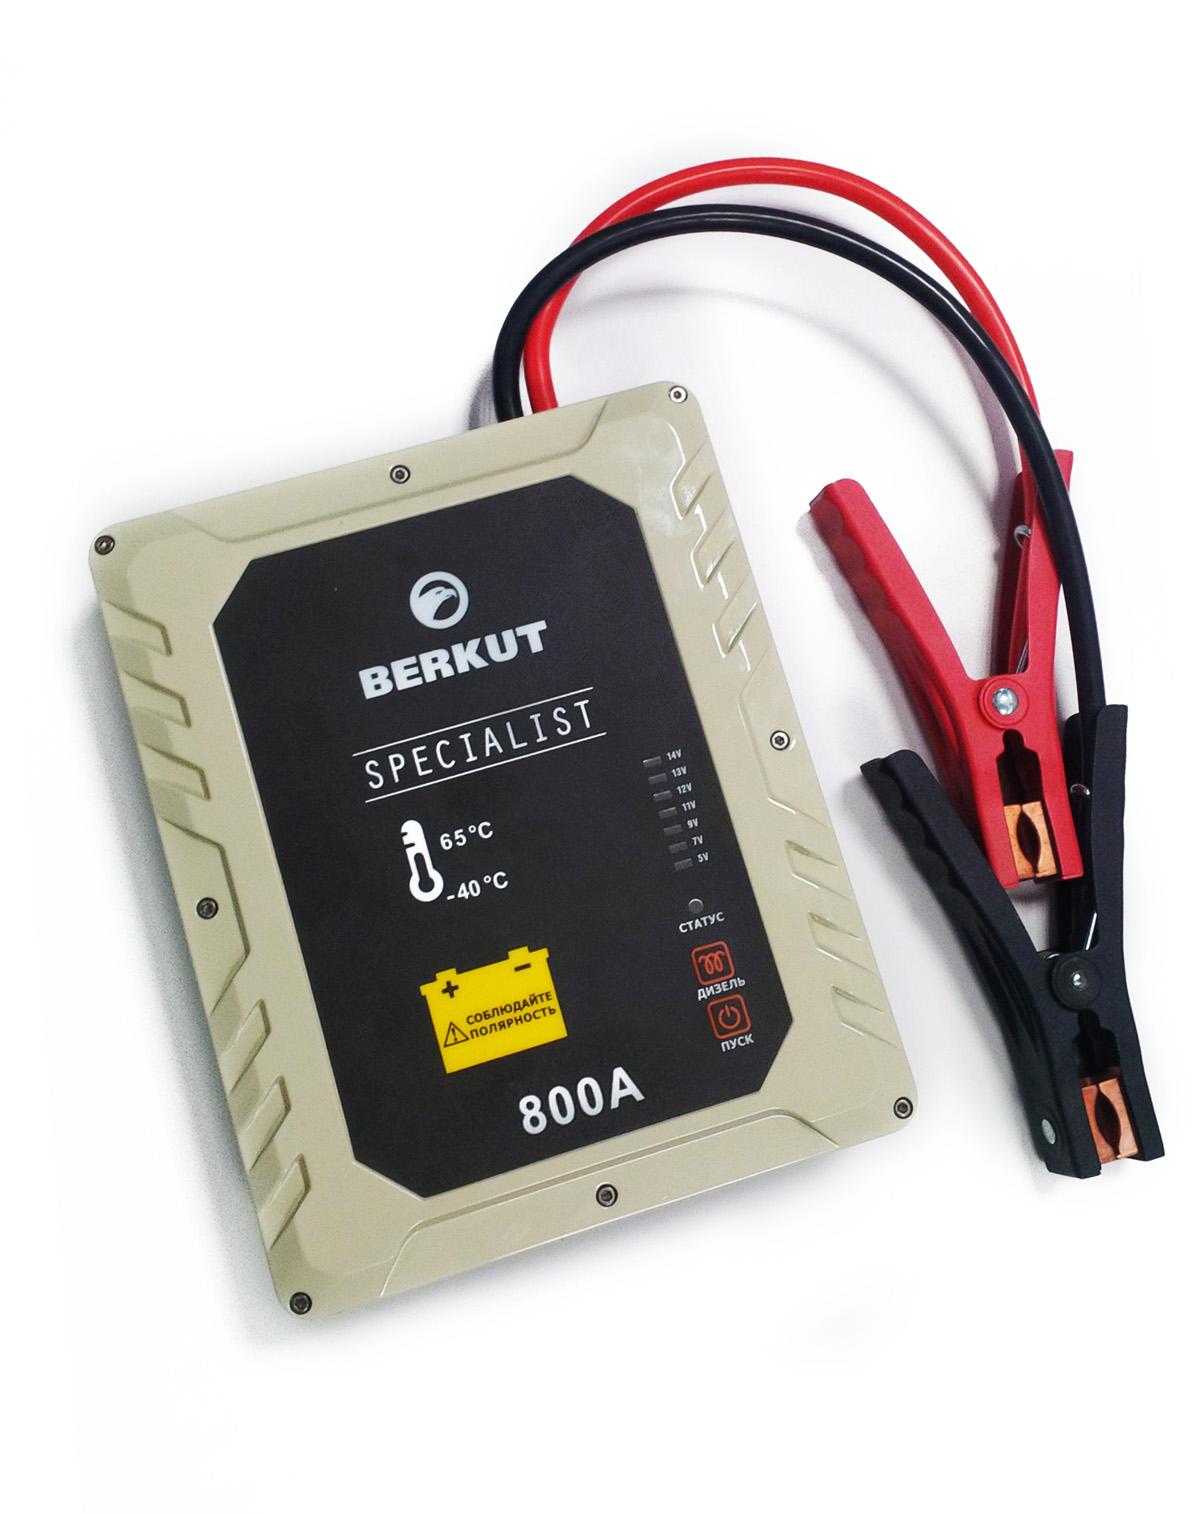 Пуско-зарядное устройство Berkut. JSC80093728793Это специальное пусковое автомобильное устройство конденсаторного типа предназначено для аварийного запуска двигателя транспортного средства в случае неисправной АКБ. Главным достоинством устройства, отличающим его от прочих аналогов, является отсутствие аккумуляторов. Вместо них применены электроконденсаторы сверхбольшой емкости (ионисторы). Применение конденсаторного накопителя заряда позволяет гарантированно запустить двигатель автомобиля как с основательно разряженной АКБ, причем даже в том случае, когда ее остаточная емкость составляет всего 5%, так и без аккумулятора с предварительной зарядкой от АКБ или розетки прикуривателя другого автомобиля, а также от зарядного устройства с разъемом микро USB. Пусковое устройство рекомендовано для любых типов транспортных средств с бензиновым двигателем до 6000 см.куб. и дизельным двигателем до 4000 см.куб и напряжением бортовой сети 12В. Технические характеристики:- Напряжение на клеммах: 12 В- Пусковой ток: 800 A- Тип конденсаторов: пусковые, импульсные- Время зарядки от АКБ: до 5 мин- Время зарядки от прикуривателя 12V: 15-20 мин- Время зарядки от Мини USB 5V: 2-3 часа- Количество попыток запуска при полной зарядке: не более одного пуска- Диапазон температур для запуска и хранения: -40 °C +65 °C- Вход Micro USB: 5В (2000 мА)- Вход для зарядки: 12В (10 А) Функциональные особенности:- Не требует подзарядки во время хранения- Готов к использованию вне зависимости от продолжительности хранения- Режим для запуска двигателя автомобиля без аккумулятора- Специальный режим запуска дизеля с предварительным прогревом свечей- Встроенный вольтметр для определения напряжение аккумулятора автомобиля- Отсутствие падение емкости заряда с понижением температур- Нет снижения емкости заряда связанные со старением устройства- Защита от переполюсовки (неправильной полярности)- Защита от короткого замыкания- Цикл заряд/разряд до 10 000 раз- Срок годности - более 10 лет